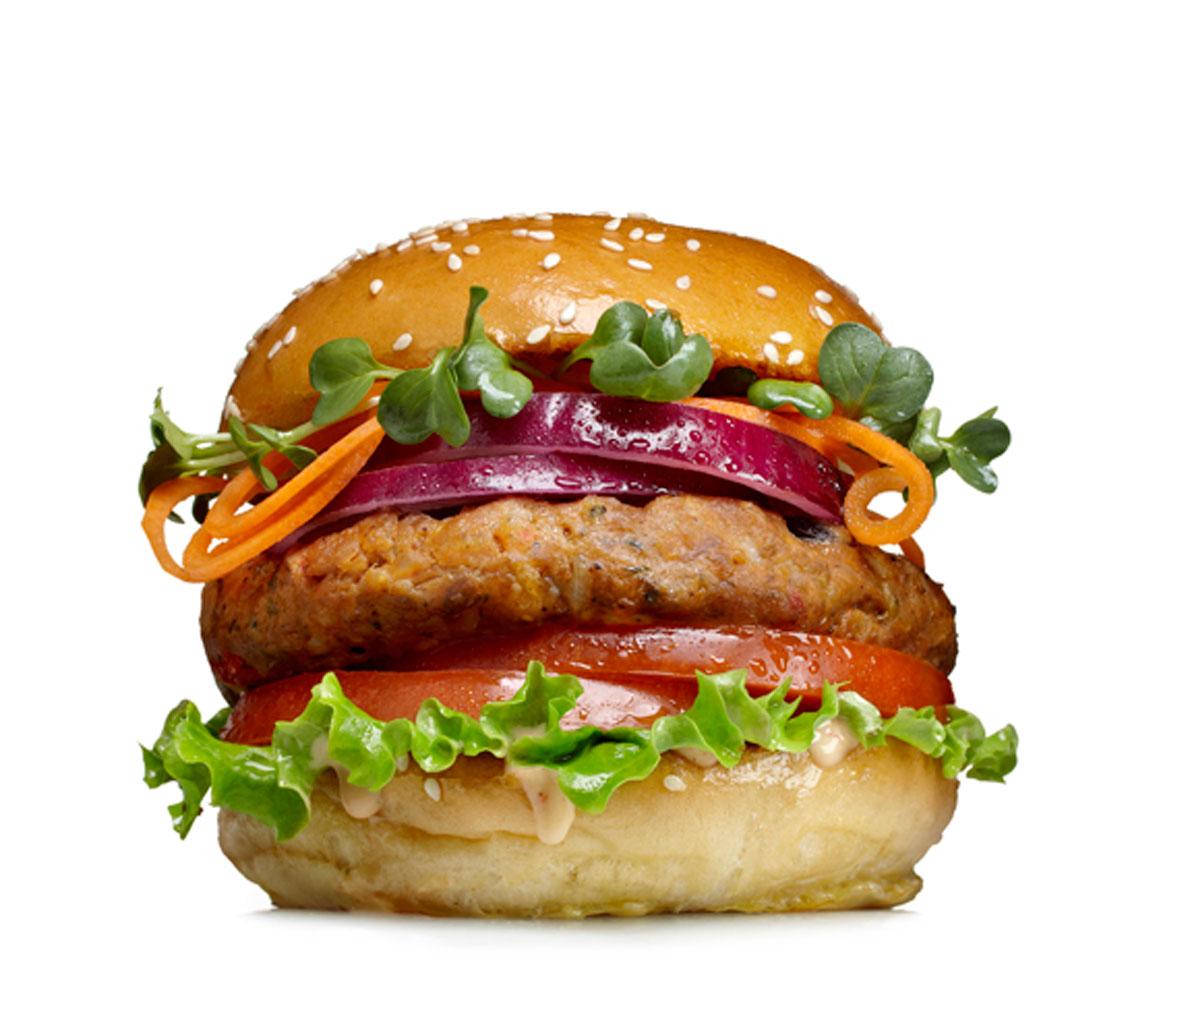 1188x1029 > Veggie Burger Wallpapers